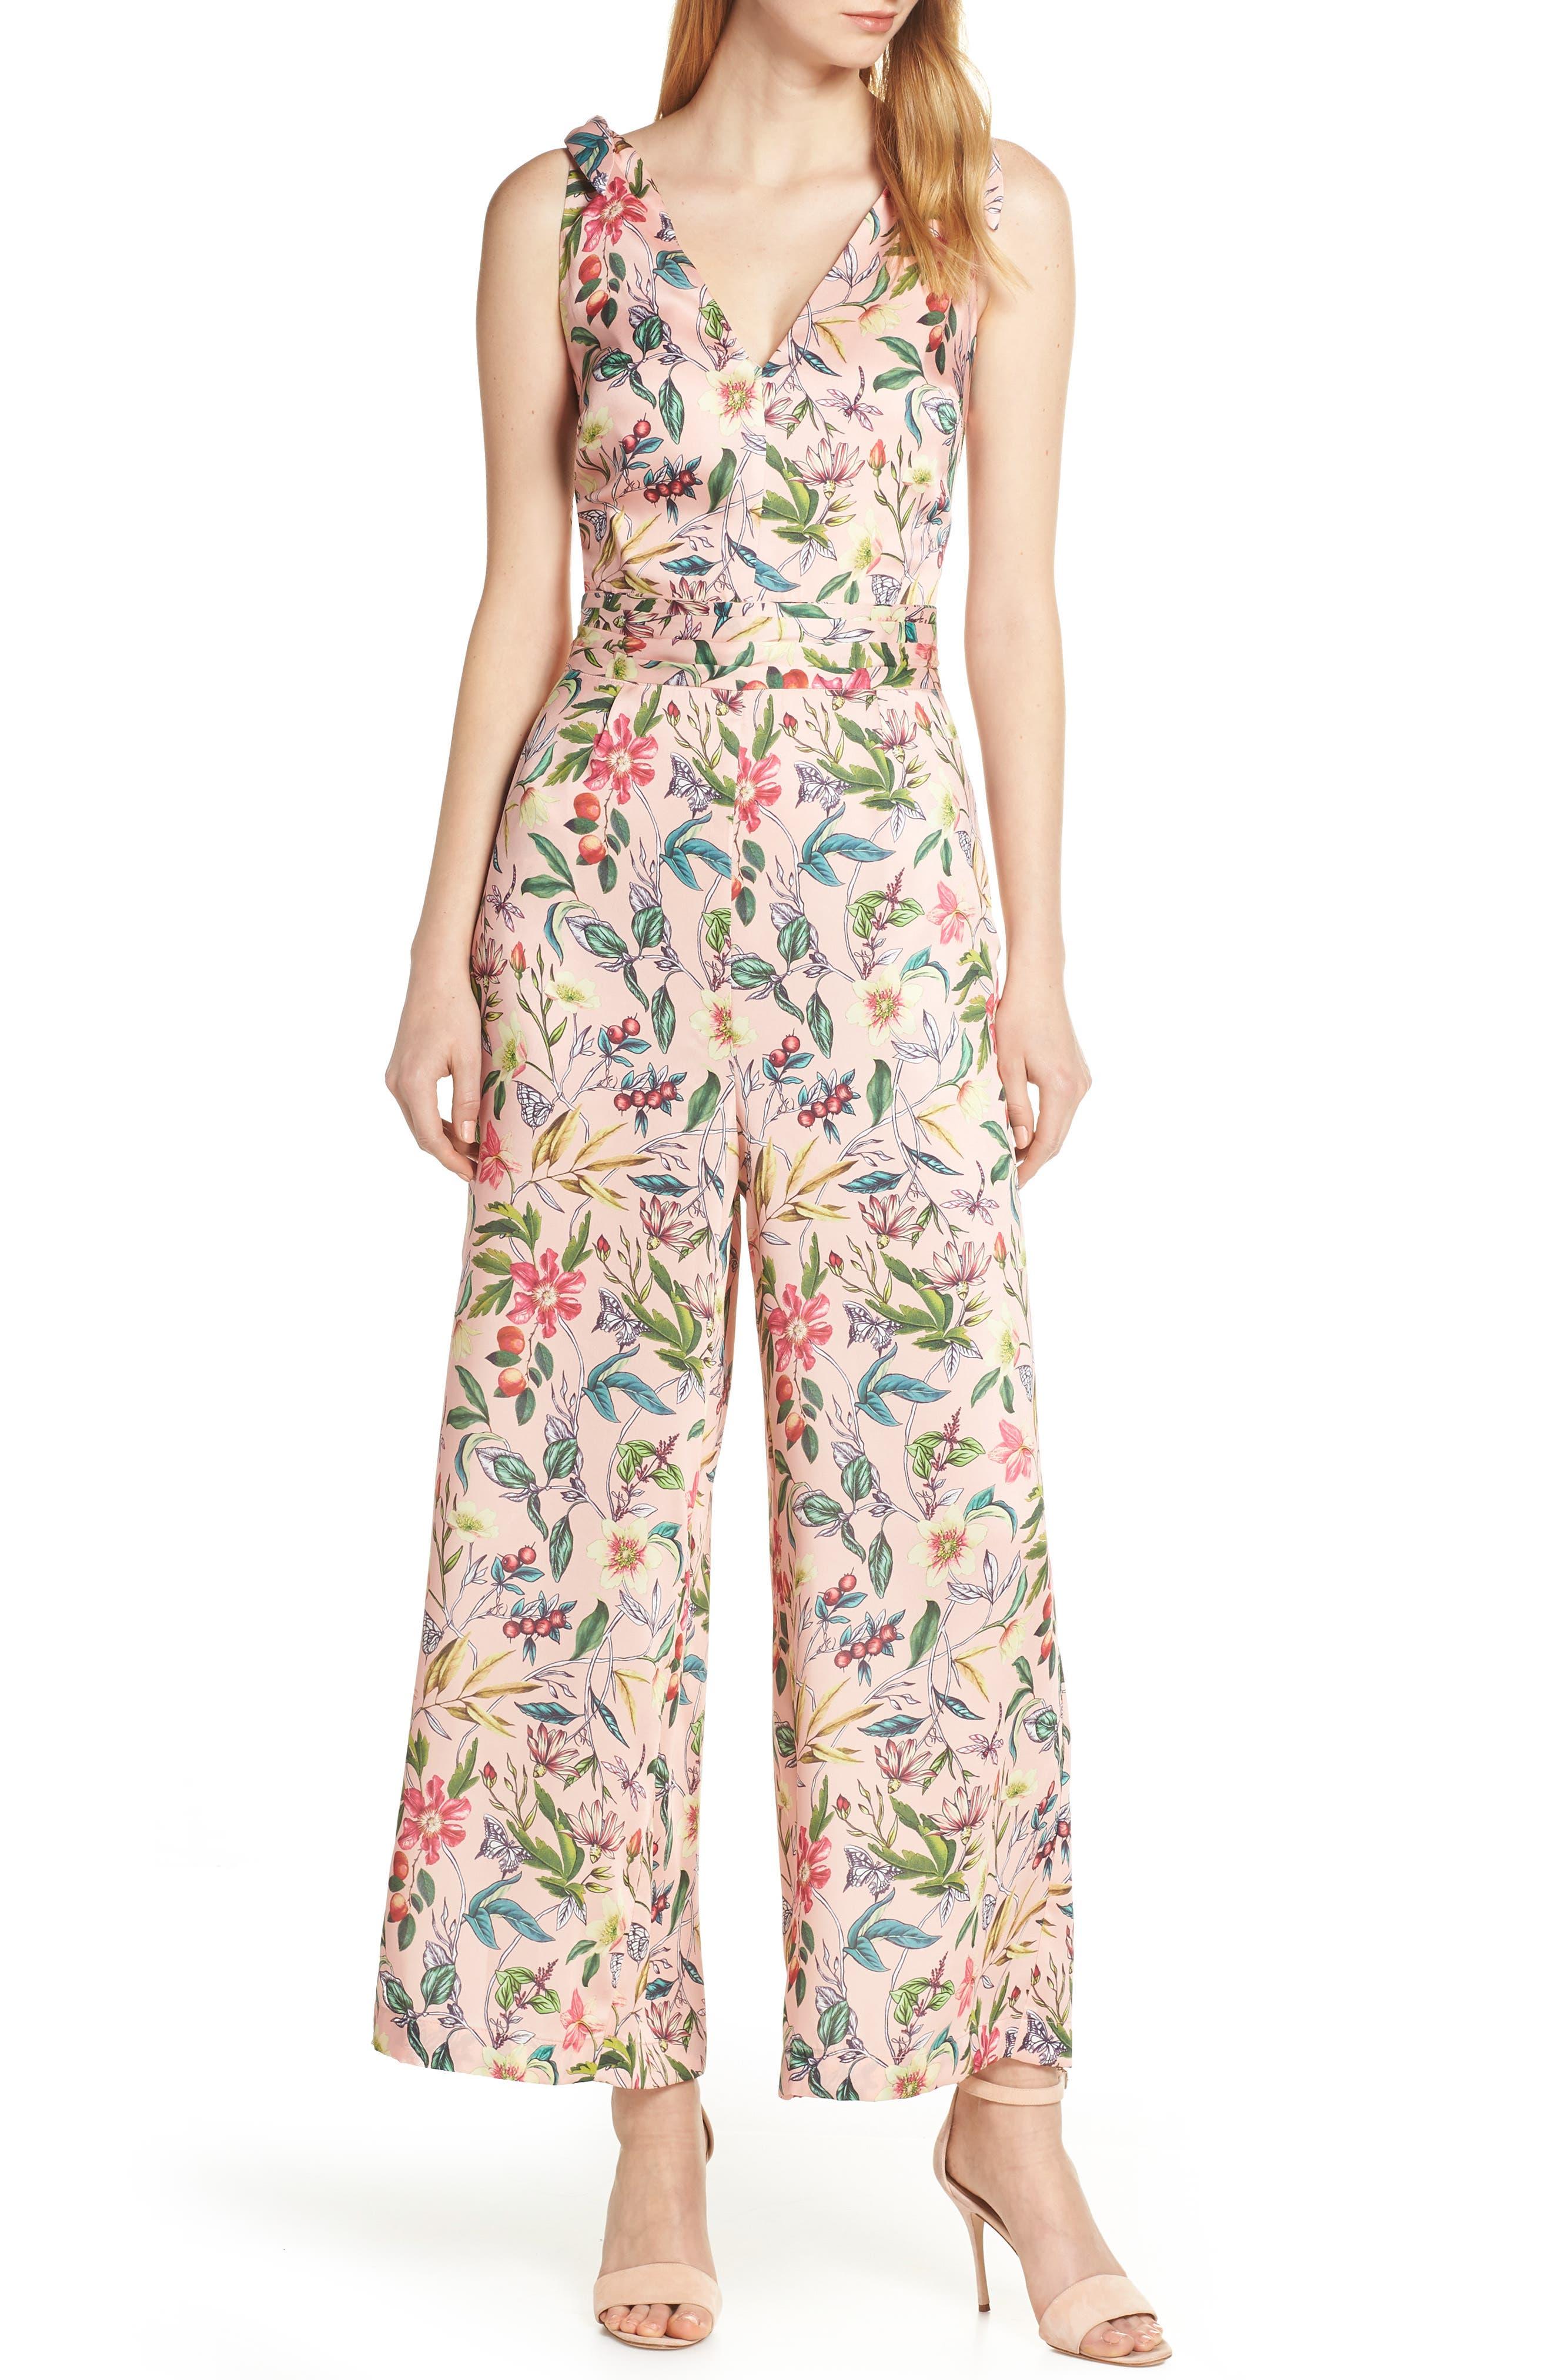 SAM EDELMAN Floral Wide Leg Jumpsuit, Main, color, PINK MULTI